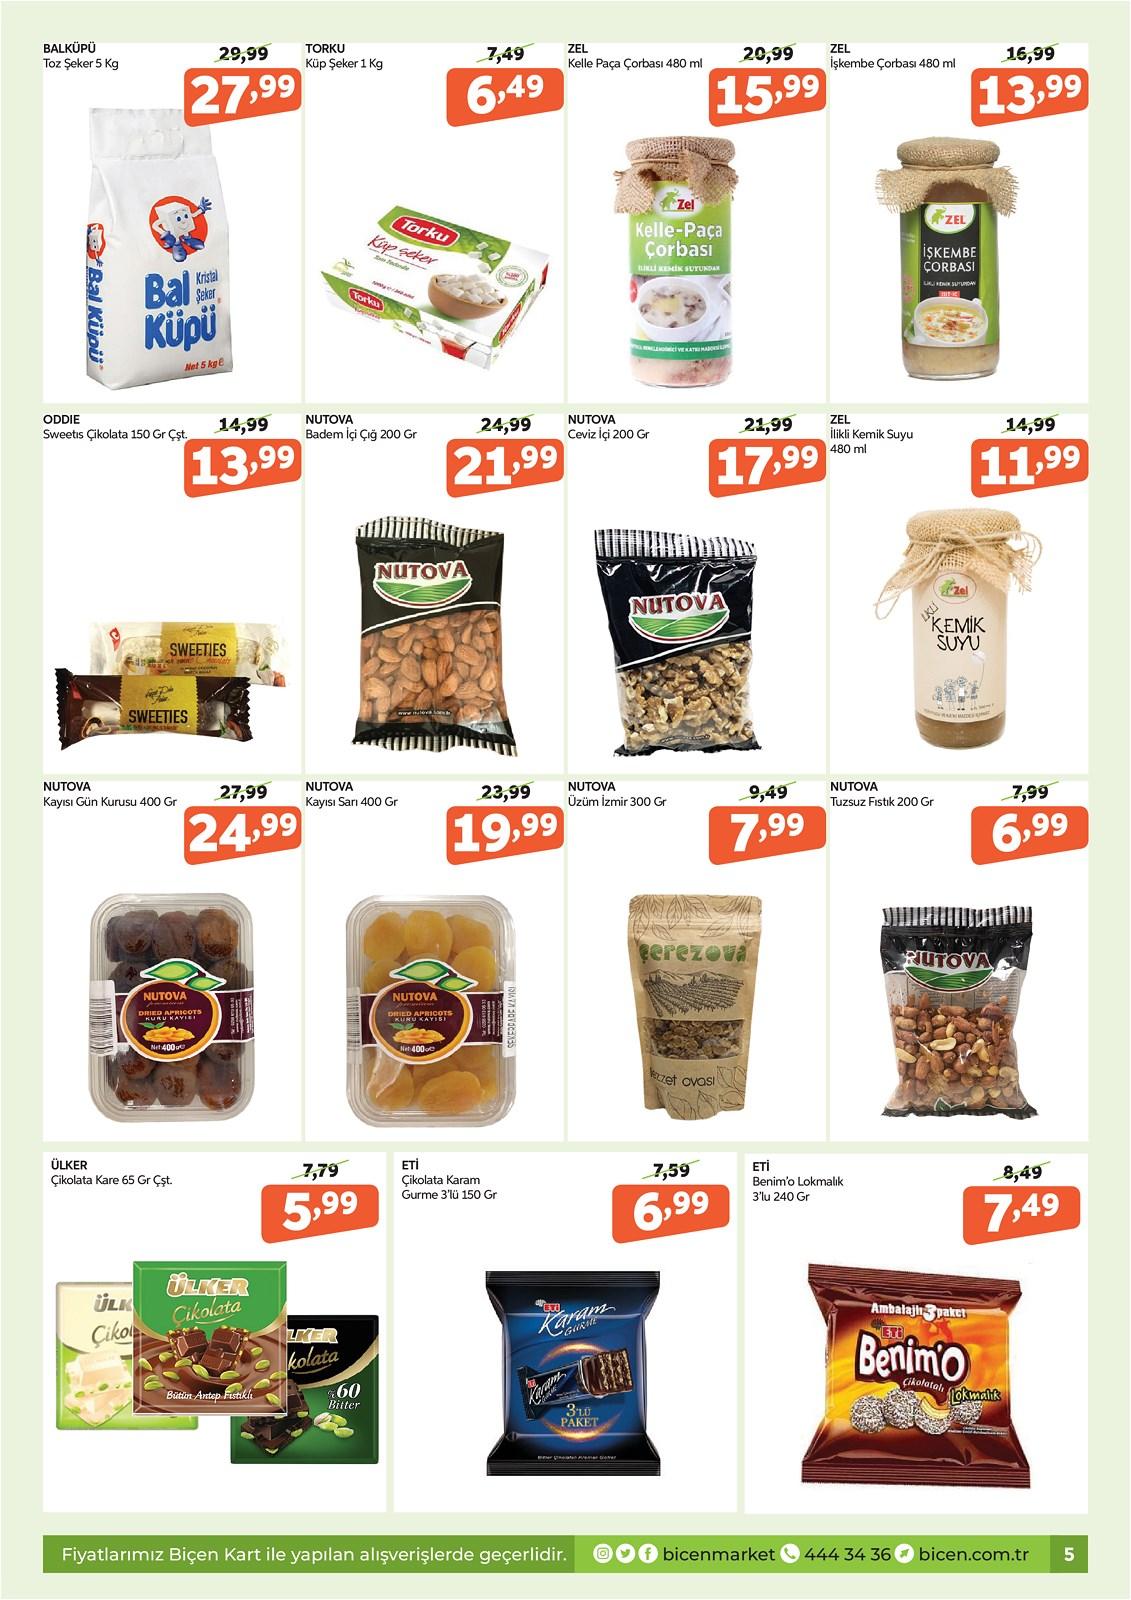 07.10.2021 Biçen Market broşürü 5. sayfa